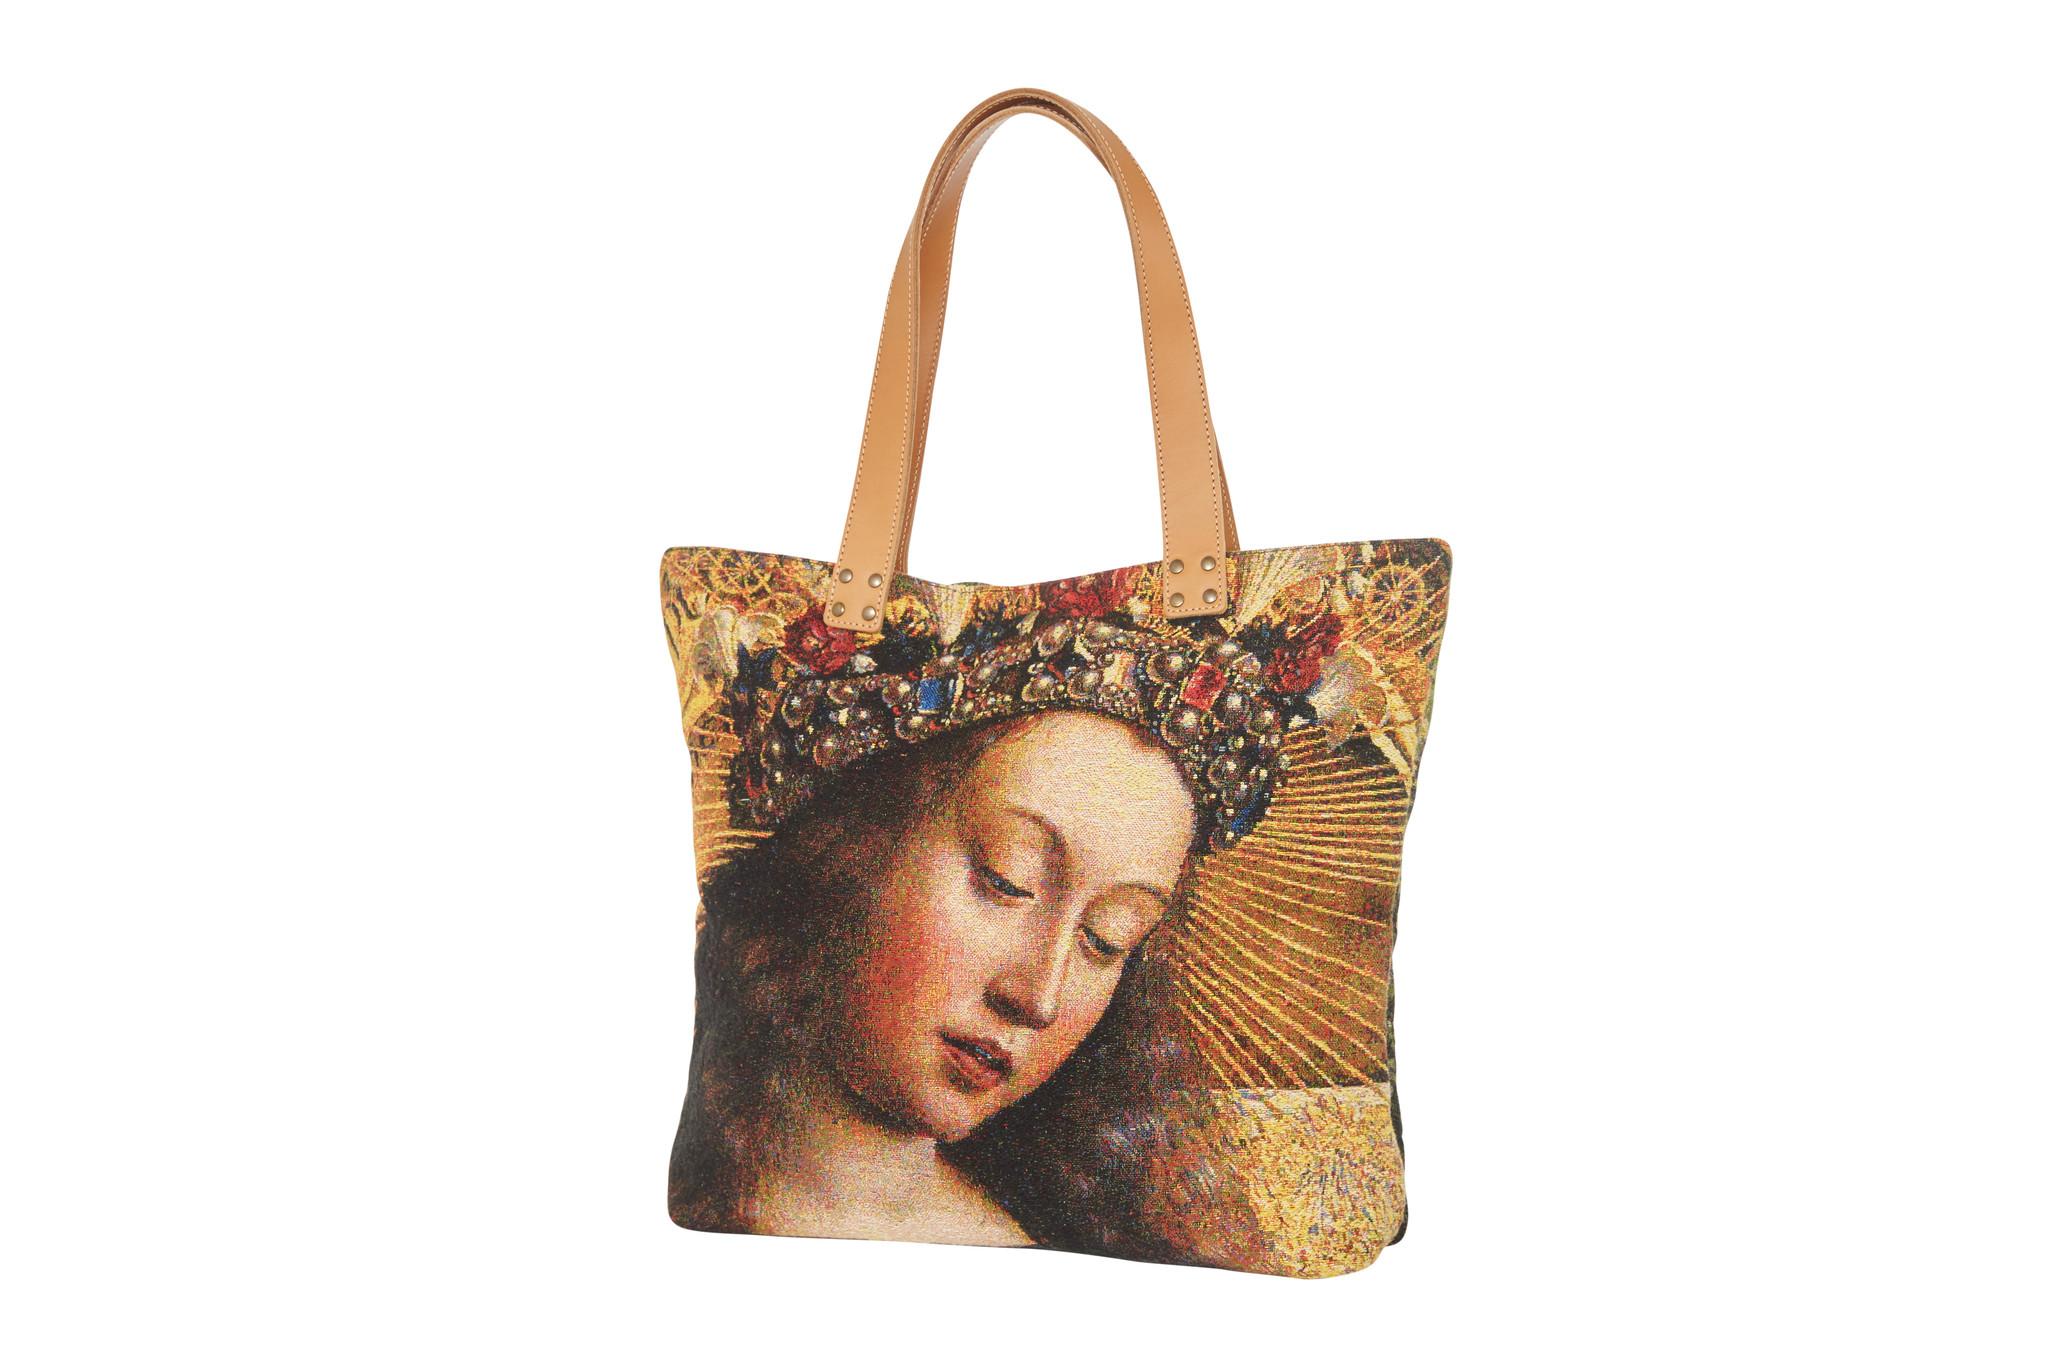 Meisterwerke Carrier bag Mary - Meisterwerke